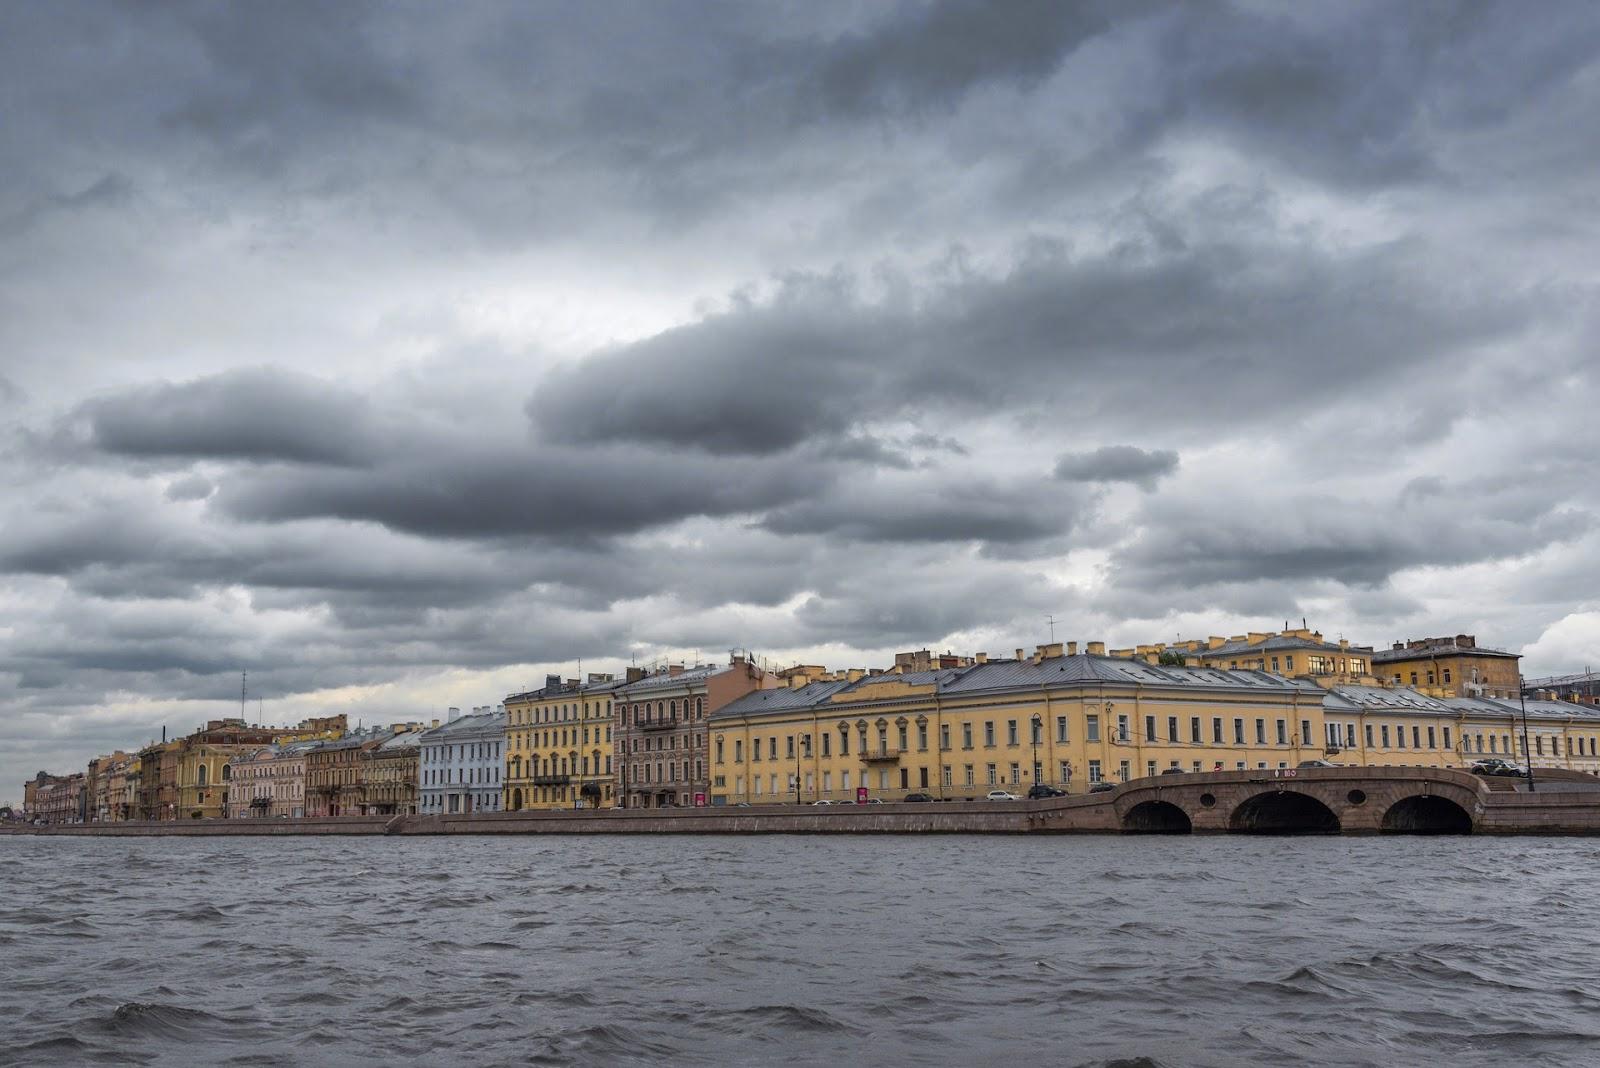 Дворцовая набережная со стороны Невы.